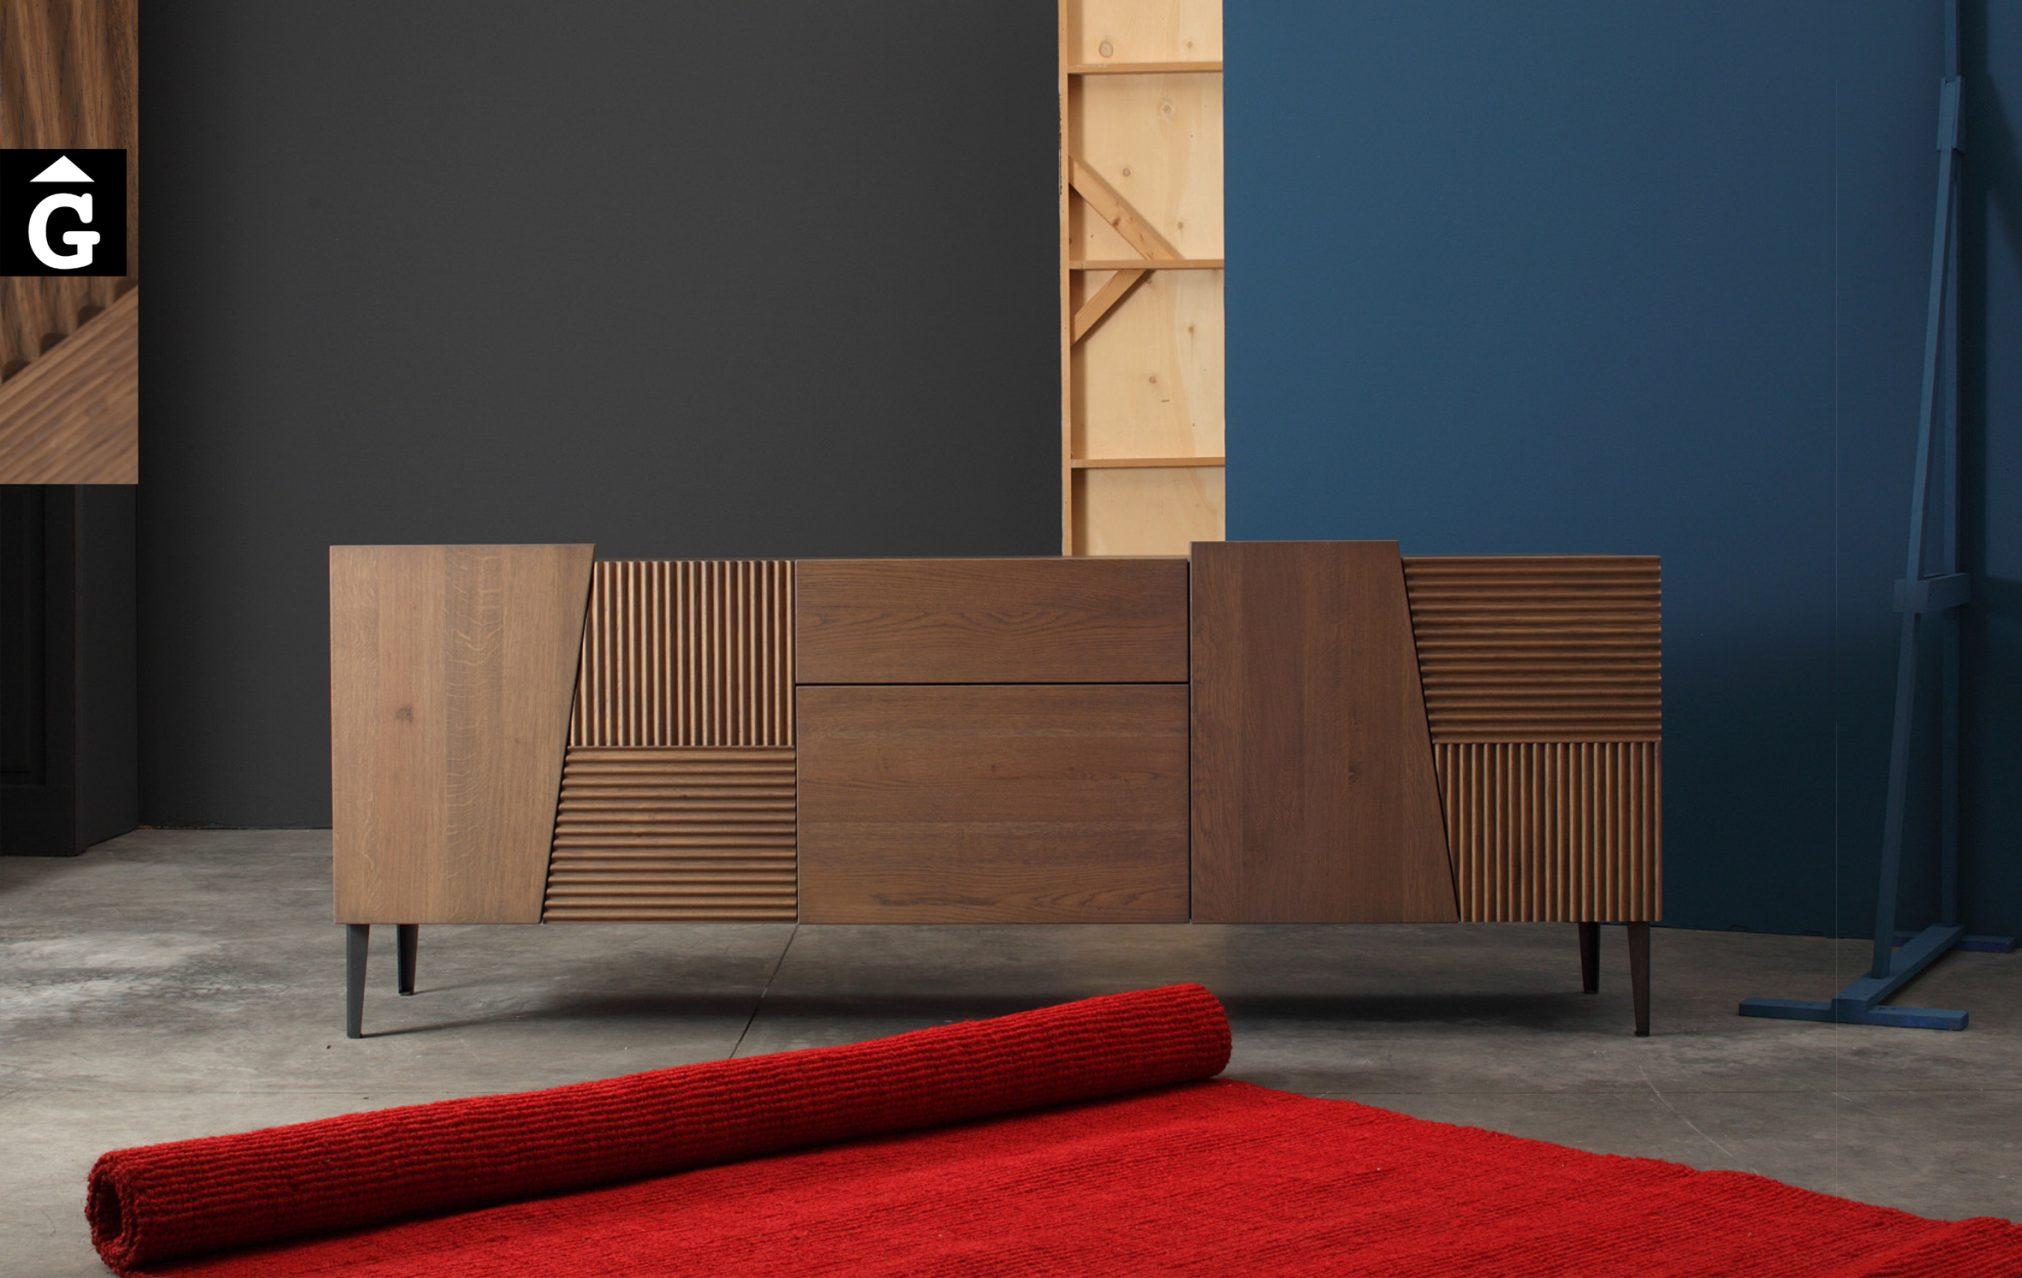 Devina Nais 3 Aparador by Mobles GIFREU Girona modern qualitat vanguardia minim elegant atemporal